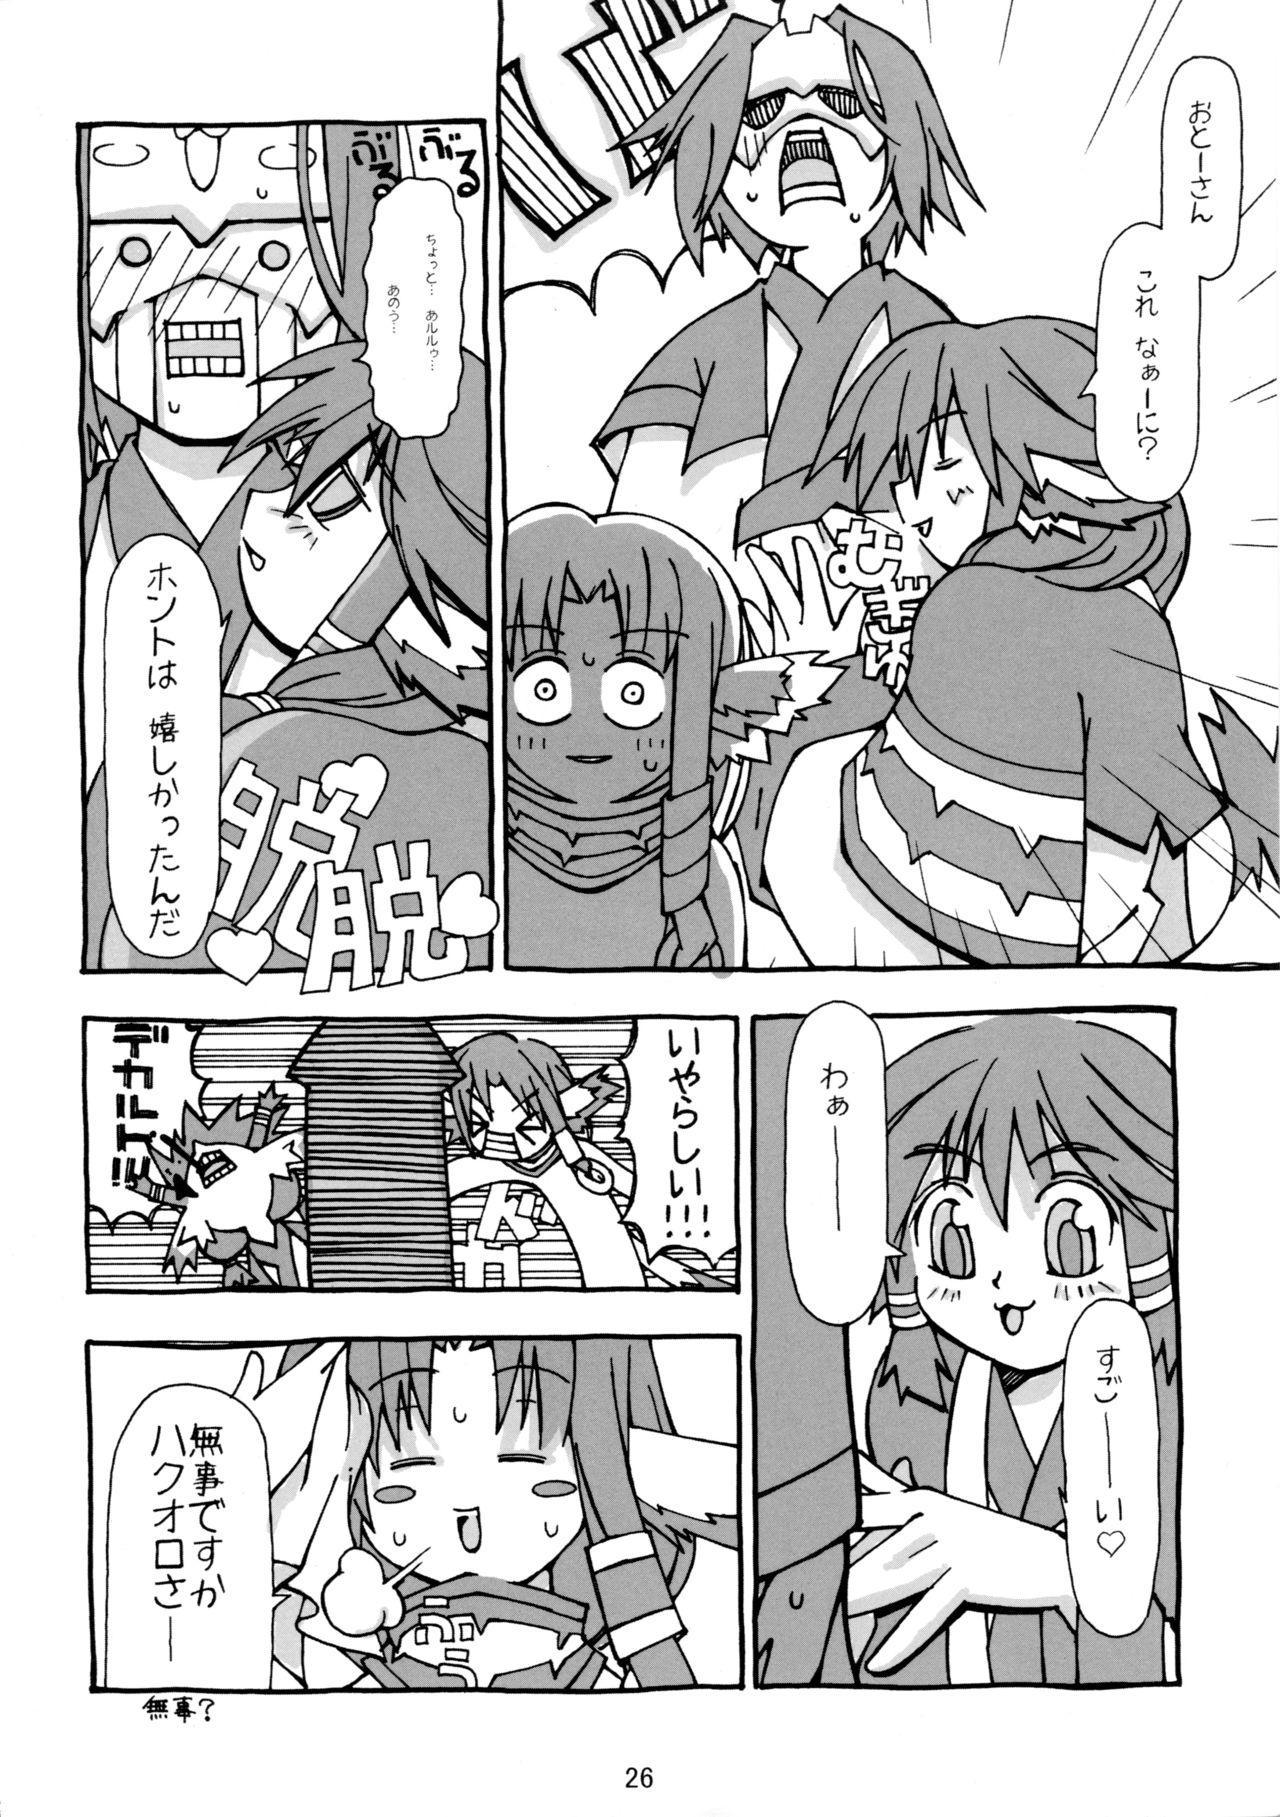 Hachimitsu 27